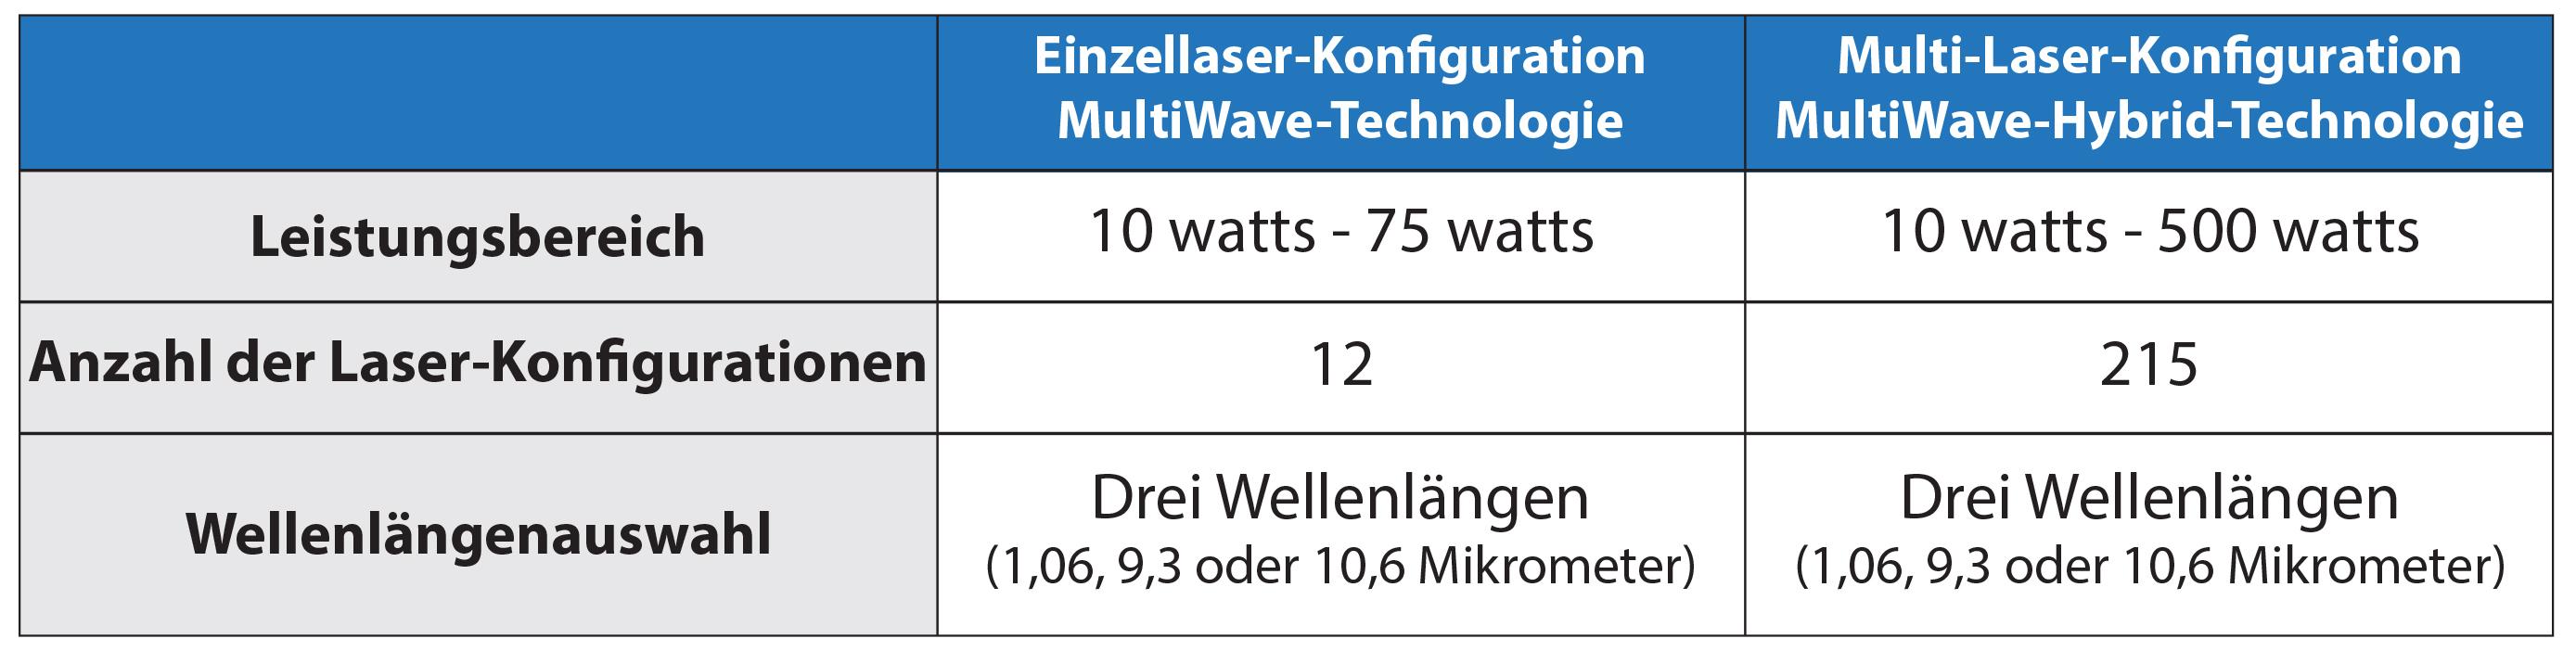 Einzel- gegenüber Dual-Laser-MultiWave Hybrid™-Konfigurationen